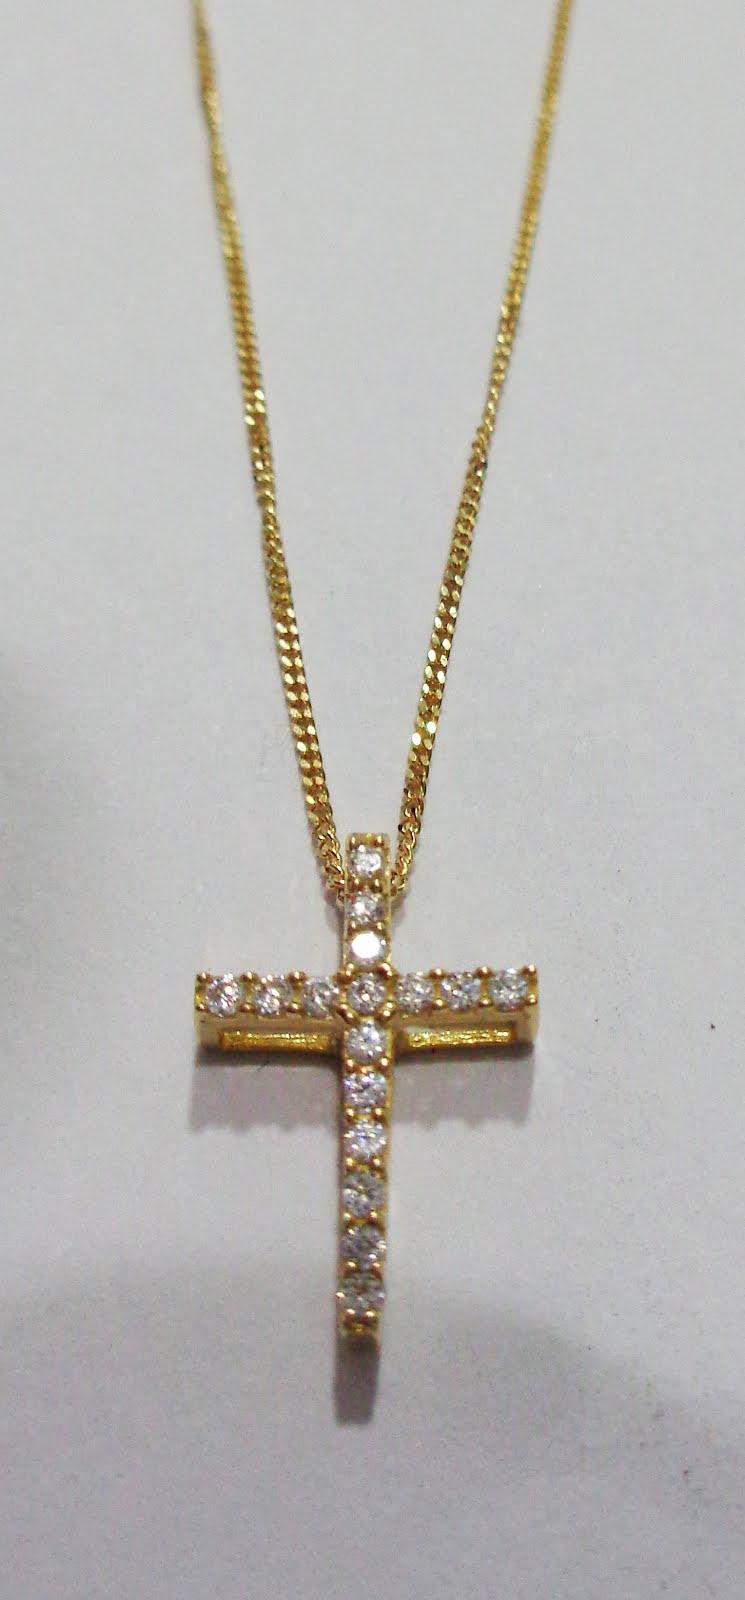 Gargantilla de oro con cruz de circonitas